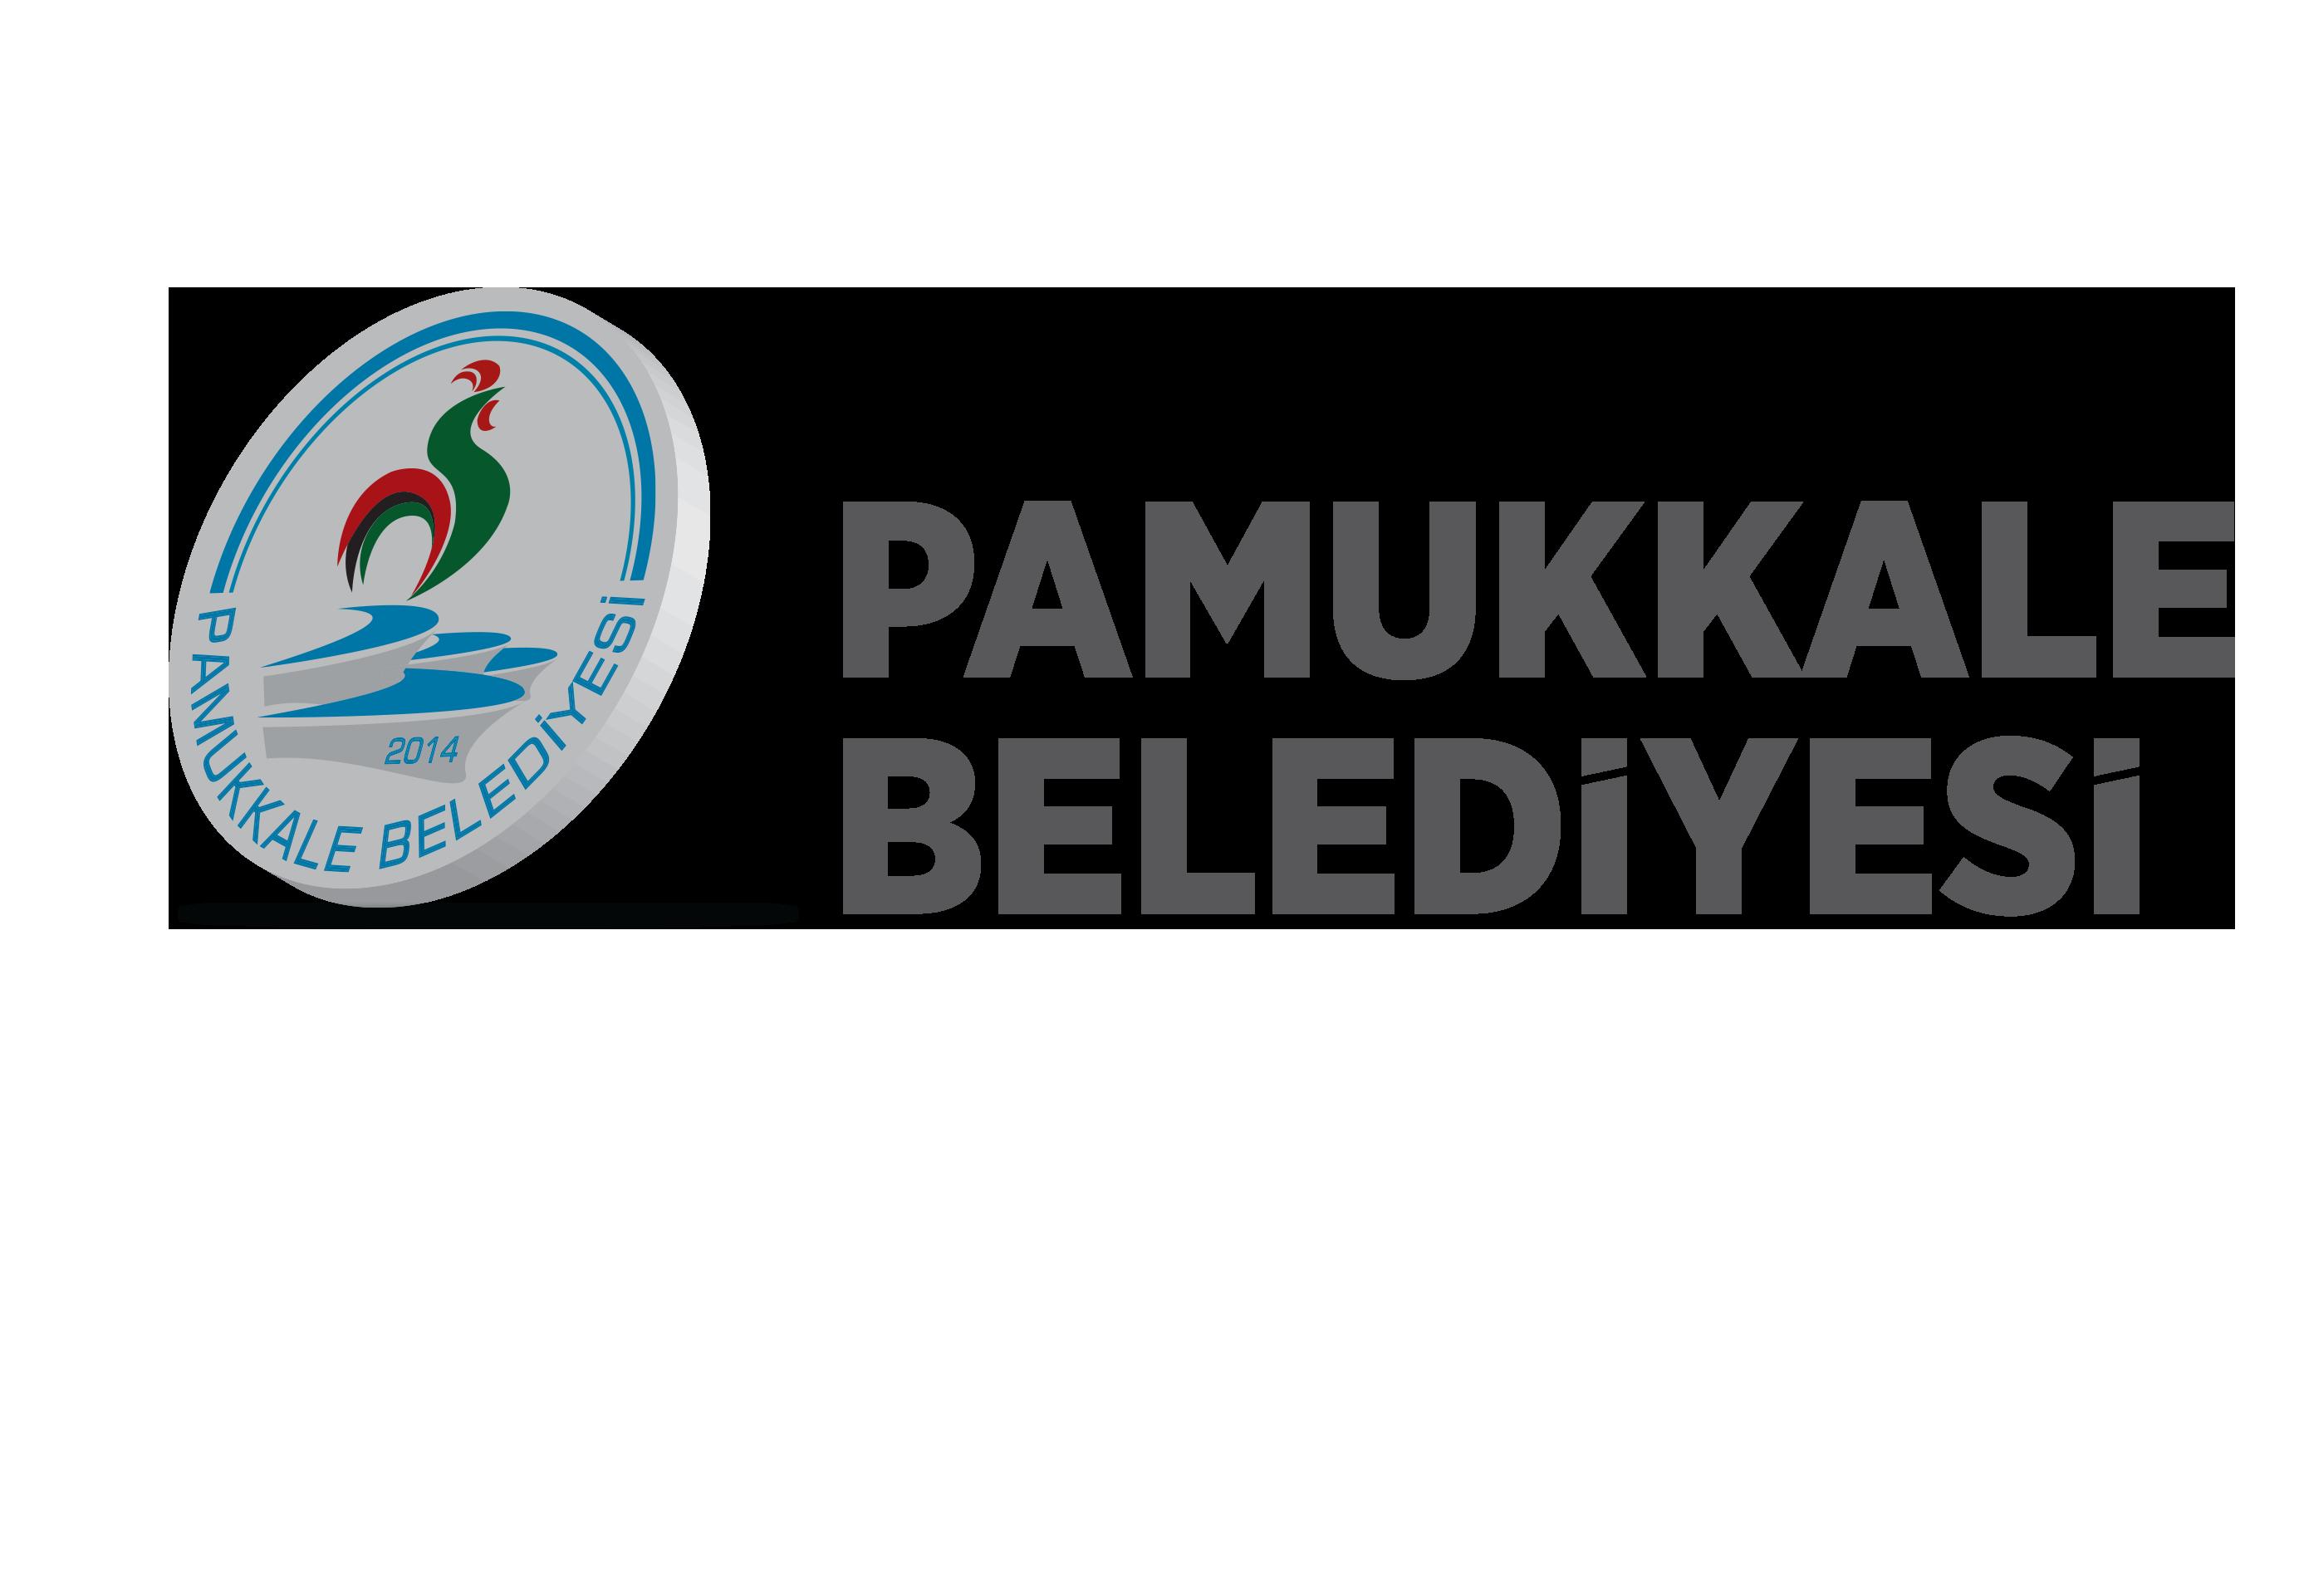 Pamukkale Belediyesinden Yapılandırma İmkanı